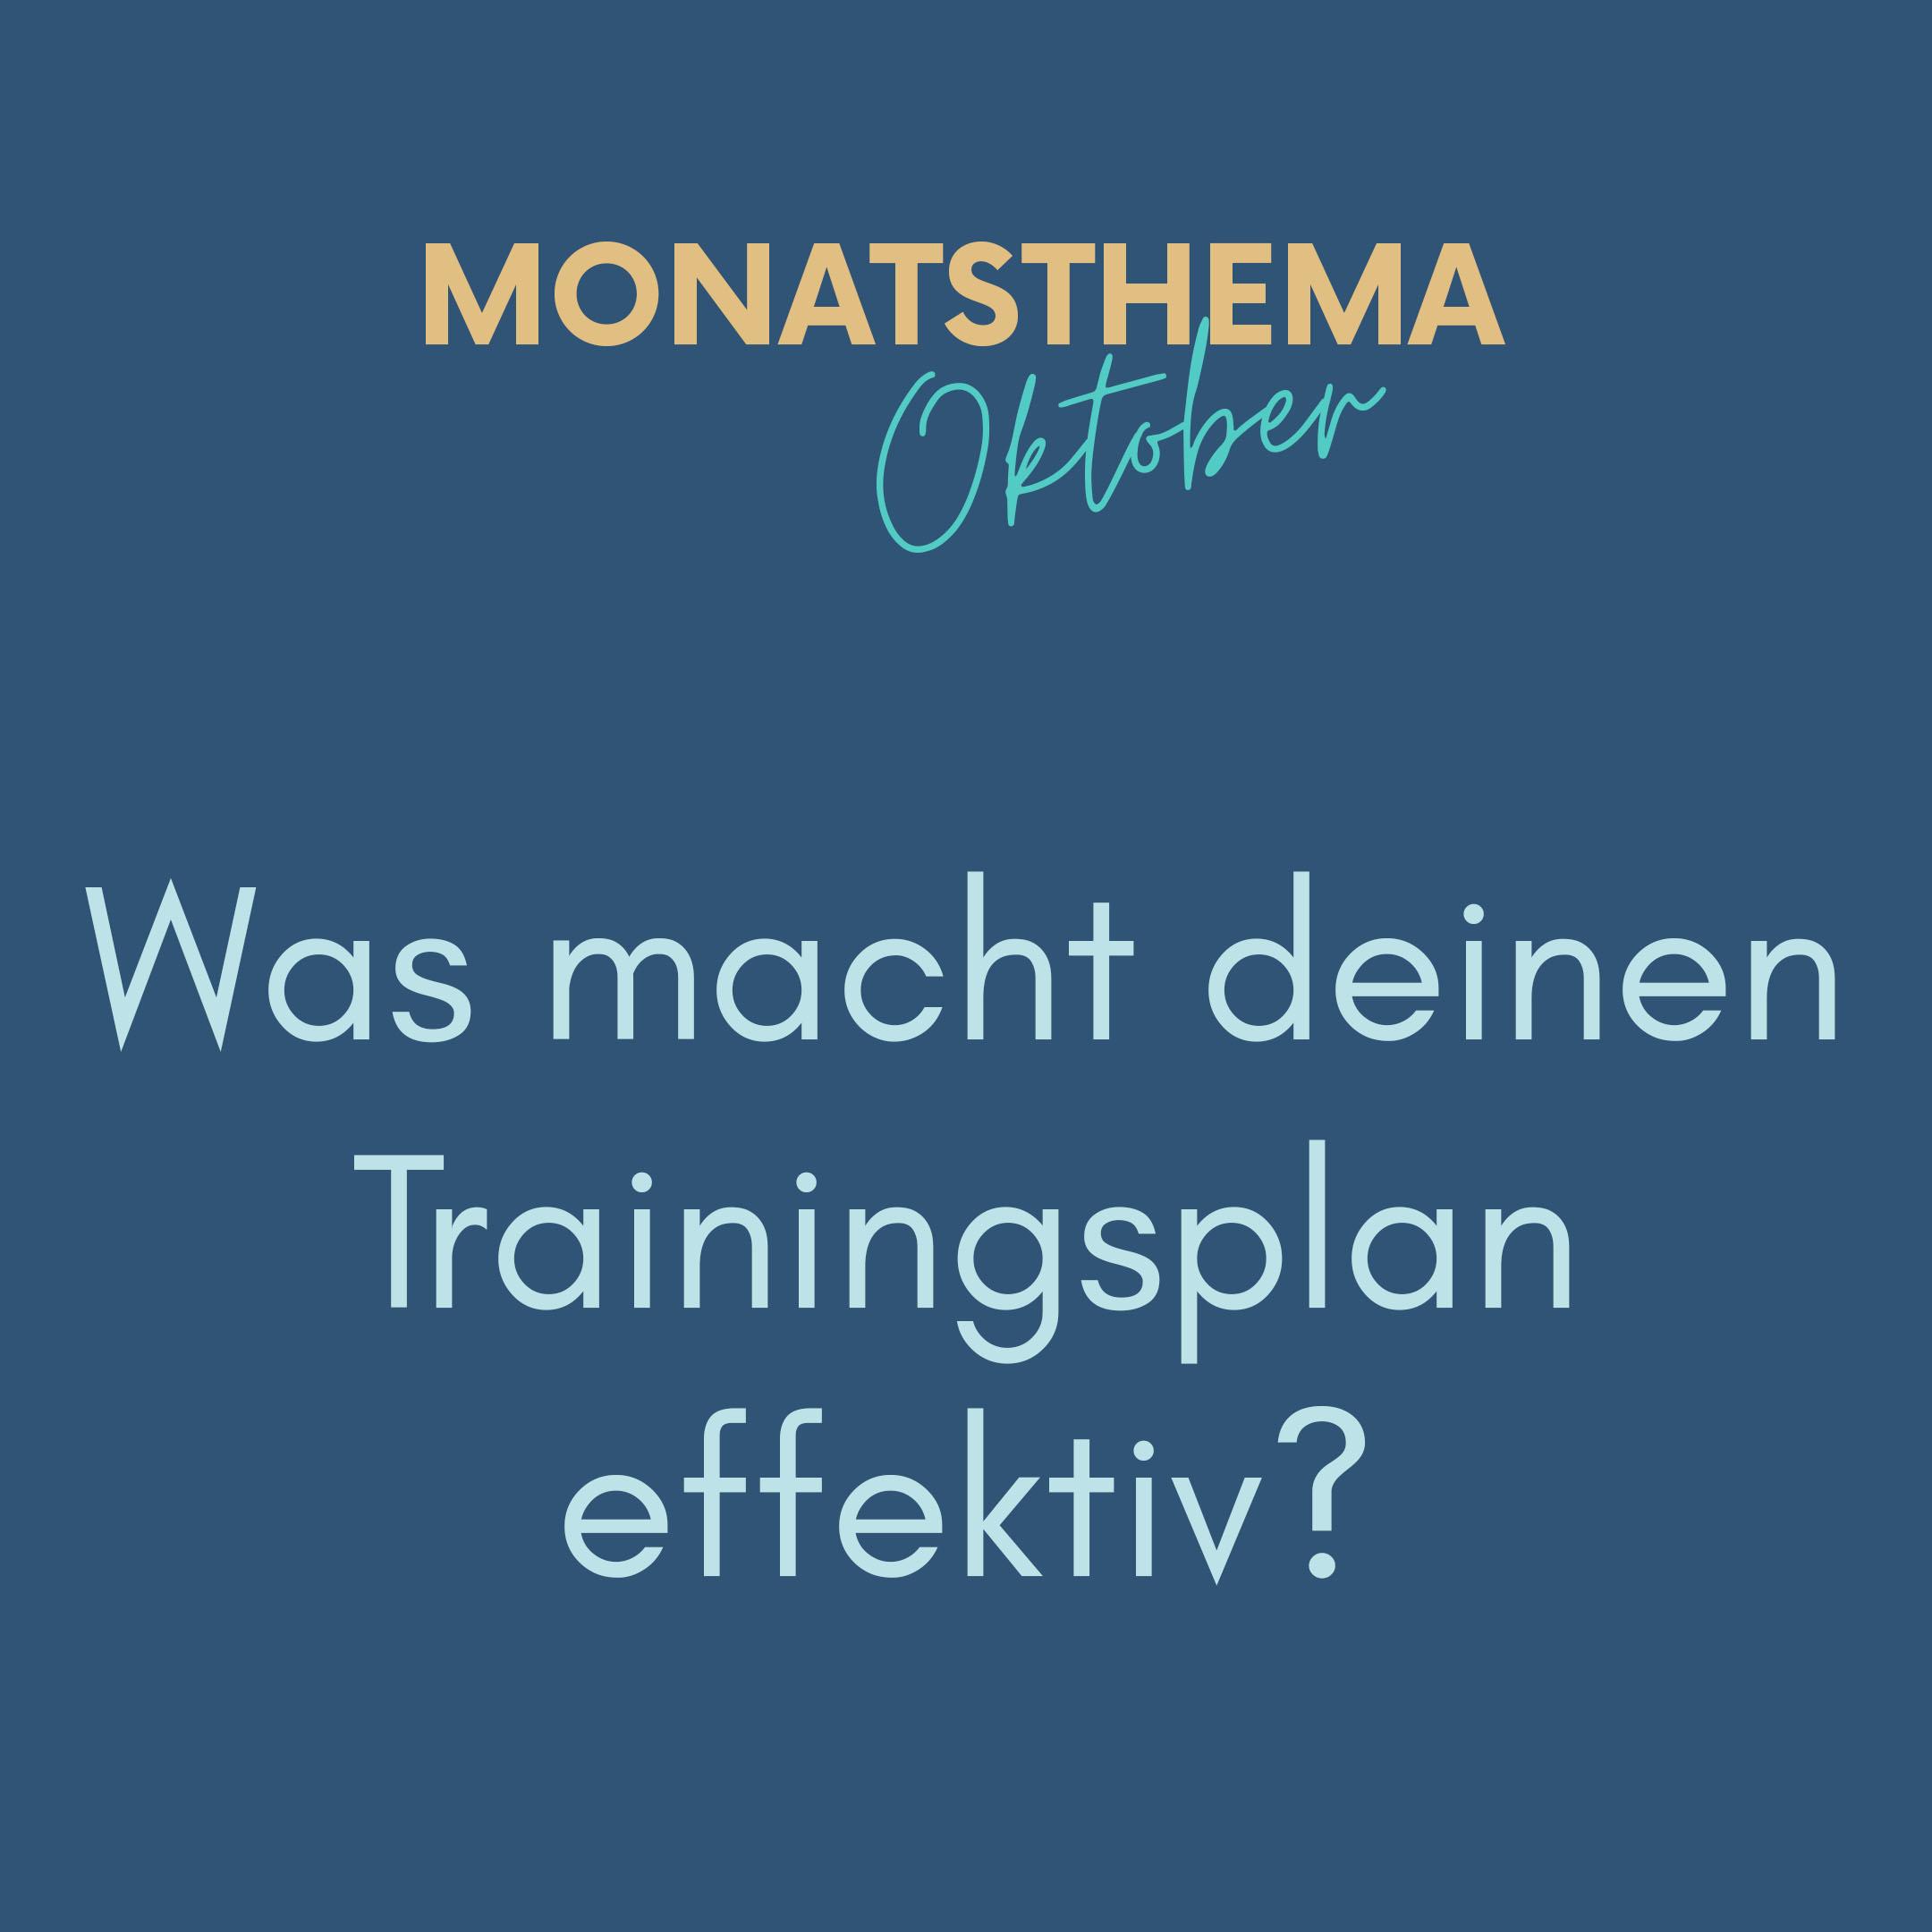 blauer Hintergrund mit Text: Monatsthema Oktober, Was macht deinen Trainingsplan effektiv